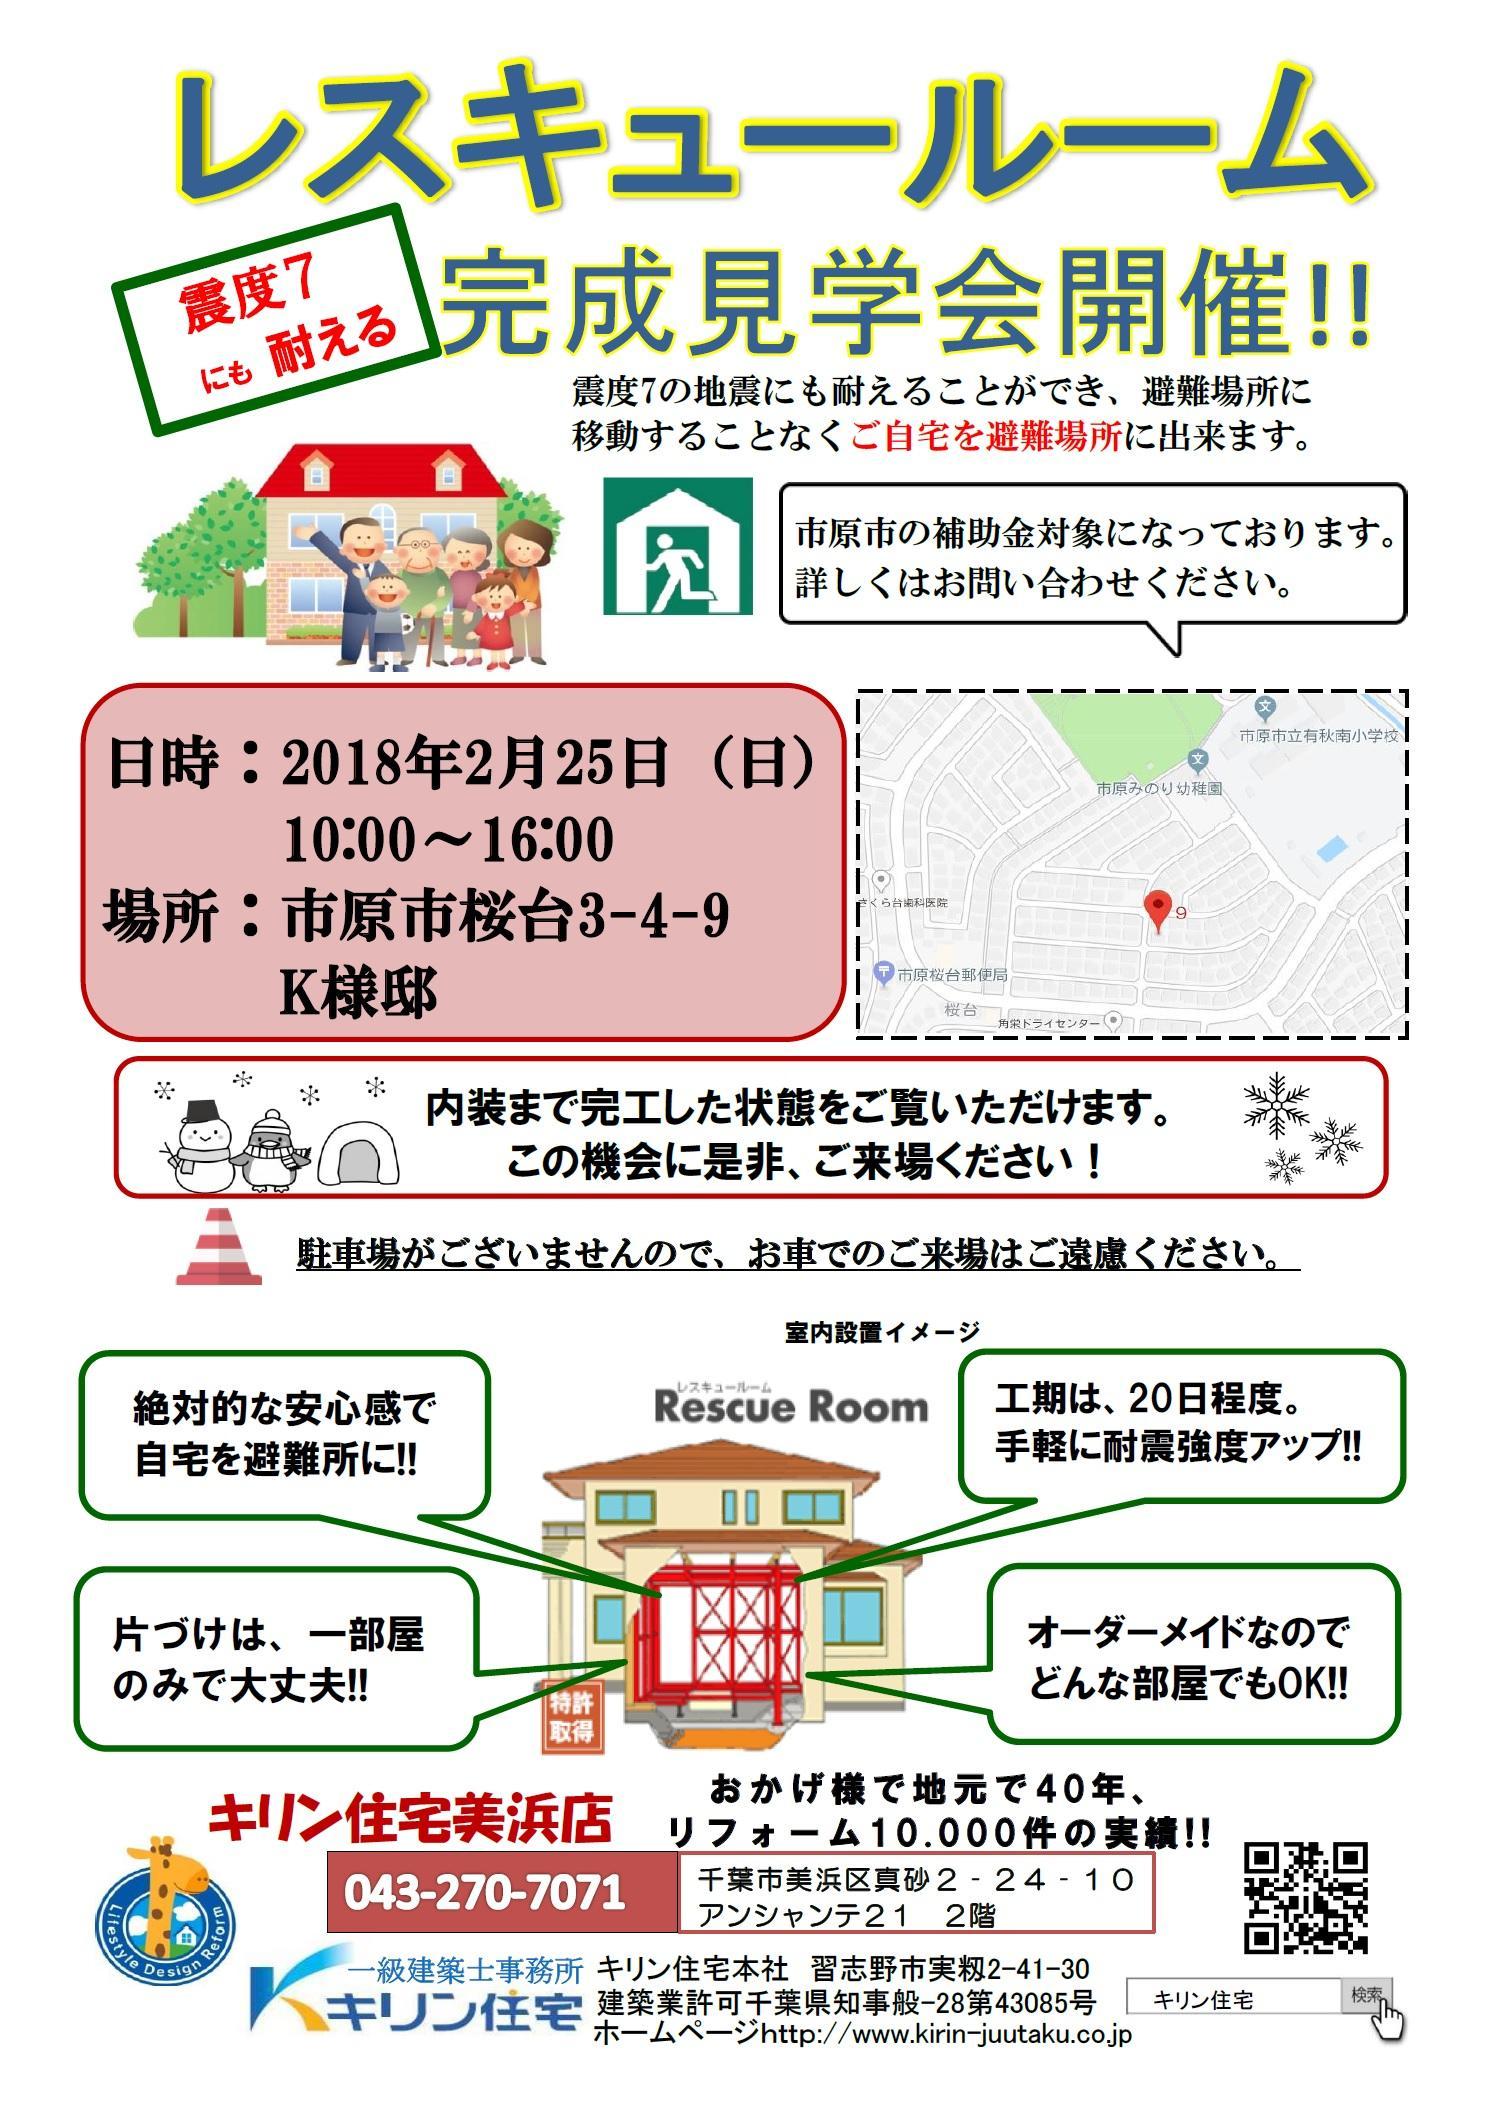 美浜店 レスキュールーム完成現場見学会 市原市桜台K様邸